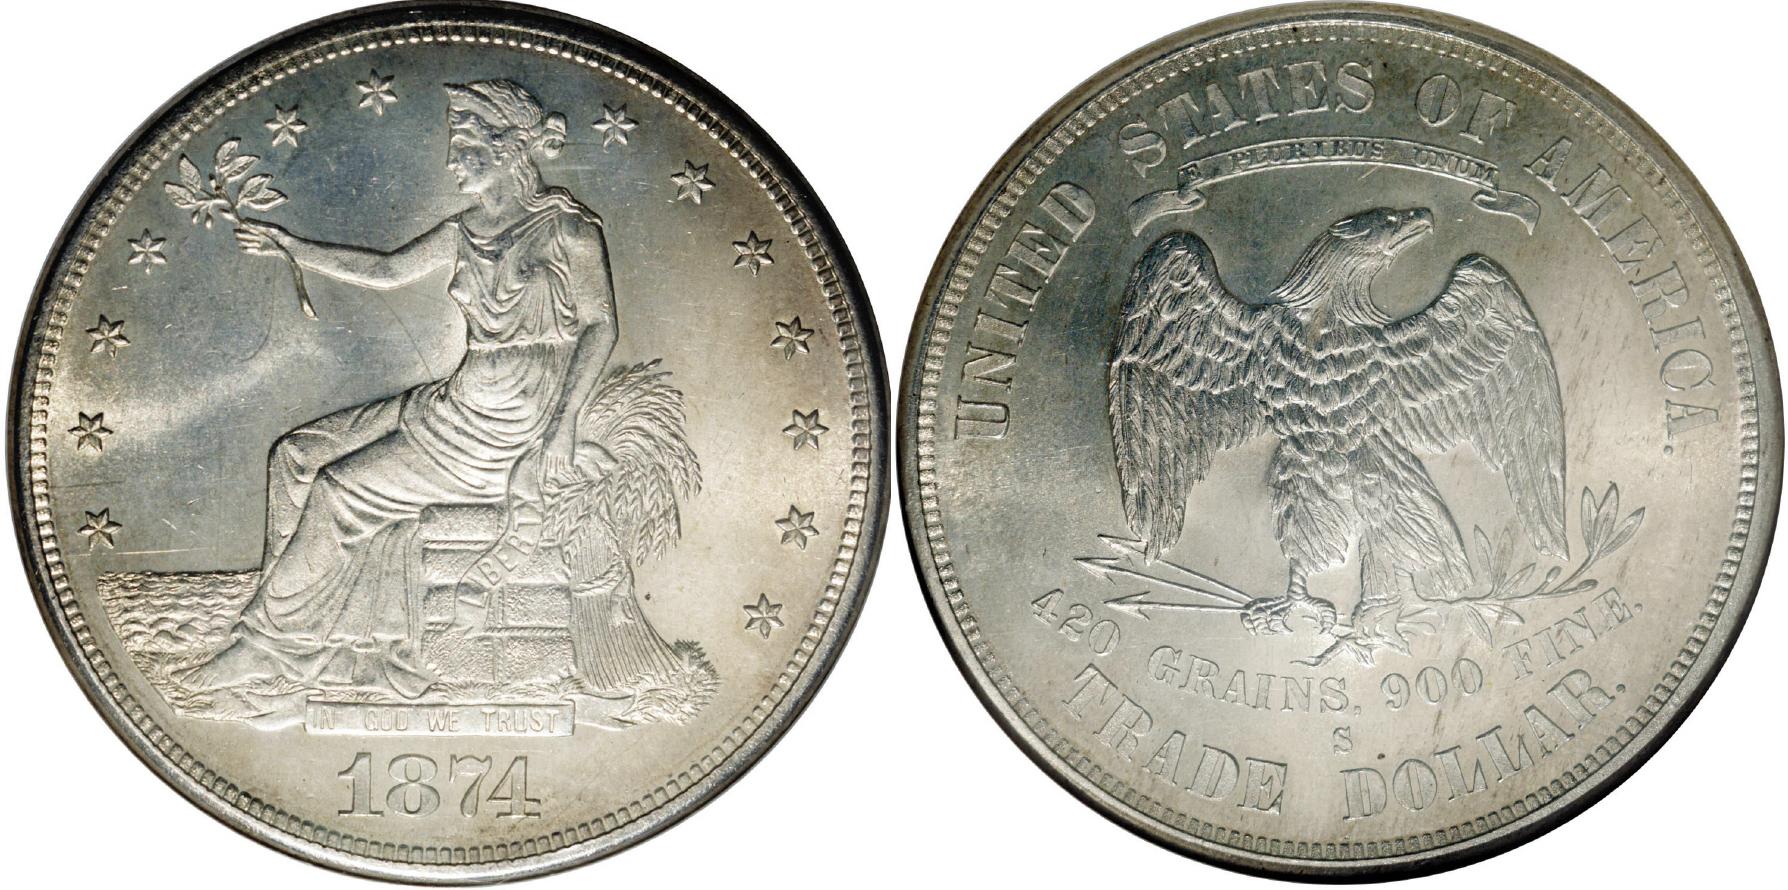 1874-S Trade Dollar Value